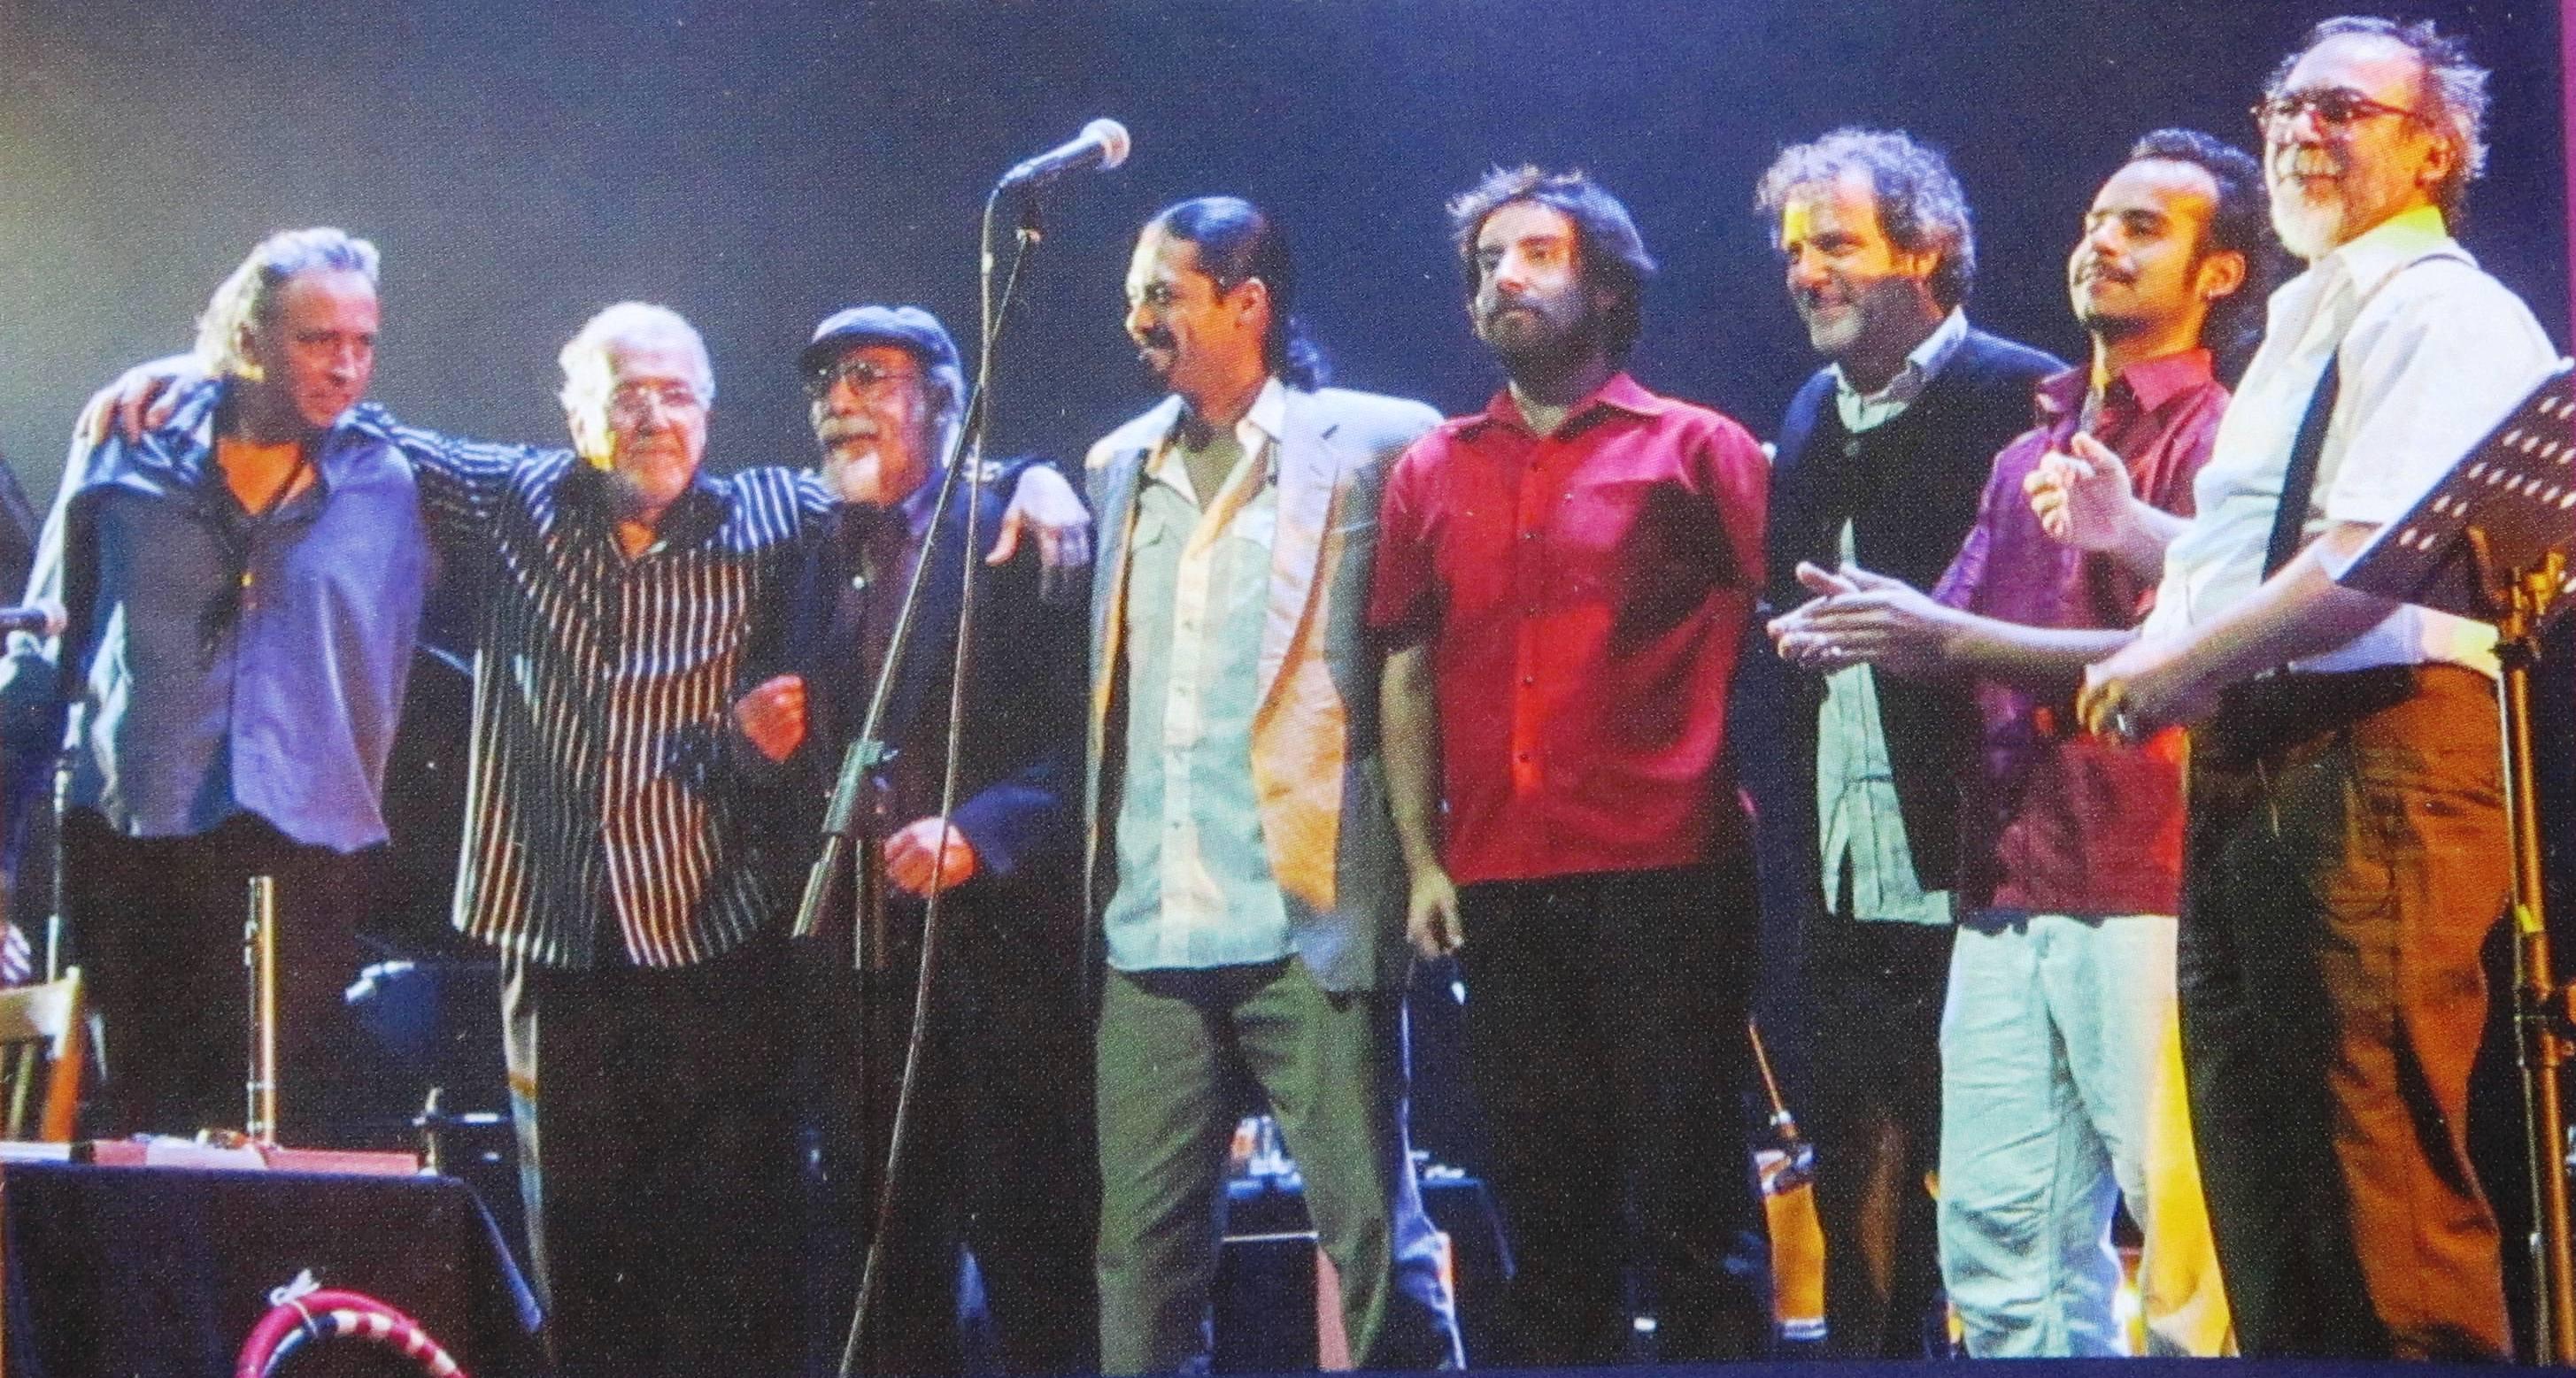 Congreso en el concierto Congreso a la carta realizado en 2012.